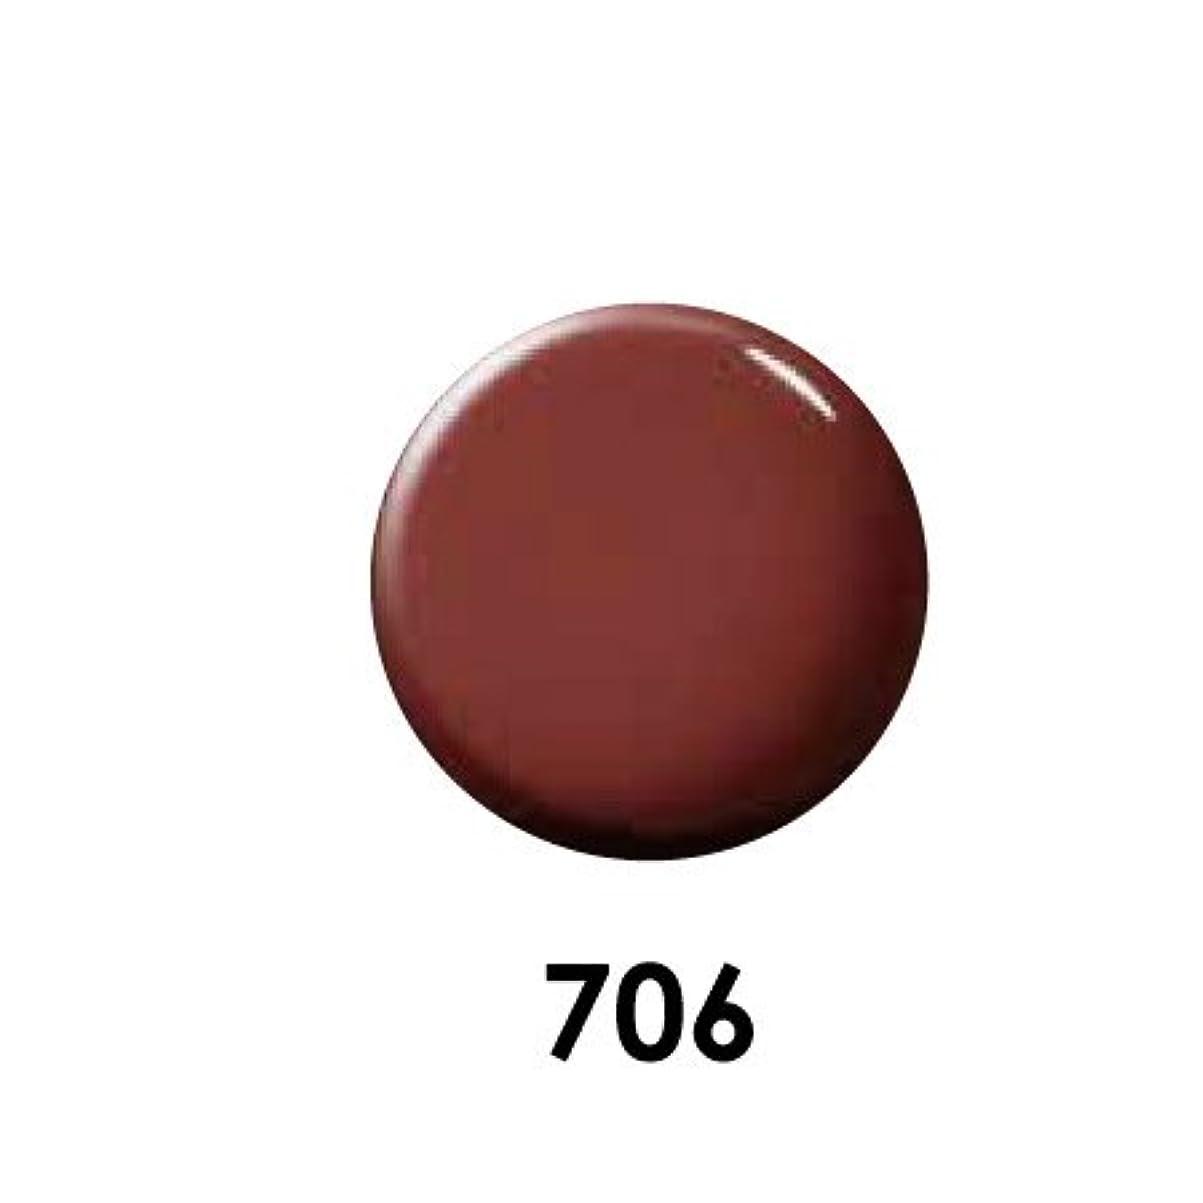 合体我慢するロゴPutiel プティール カラージェル 706 サンダルウッド? 2g (NAGISAプロデュース)